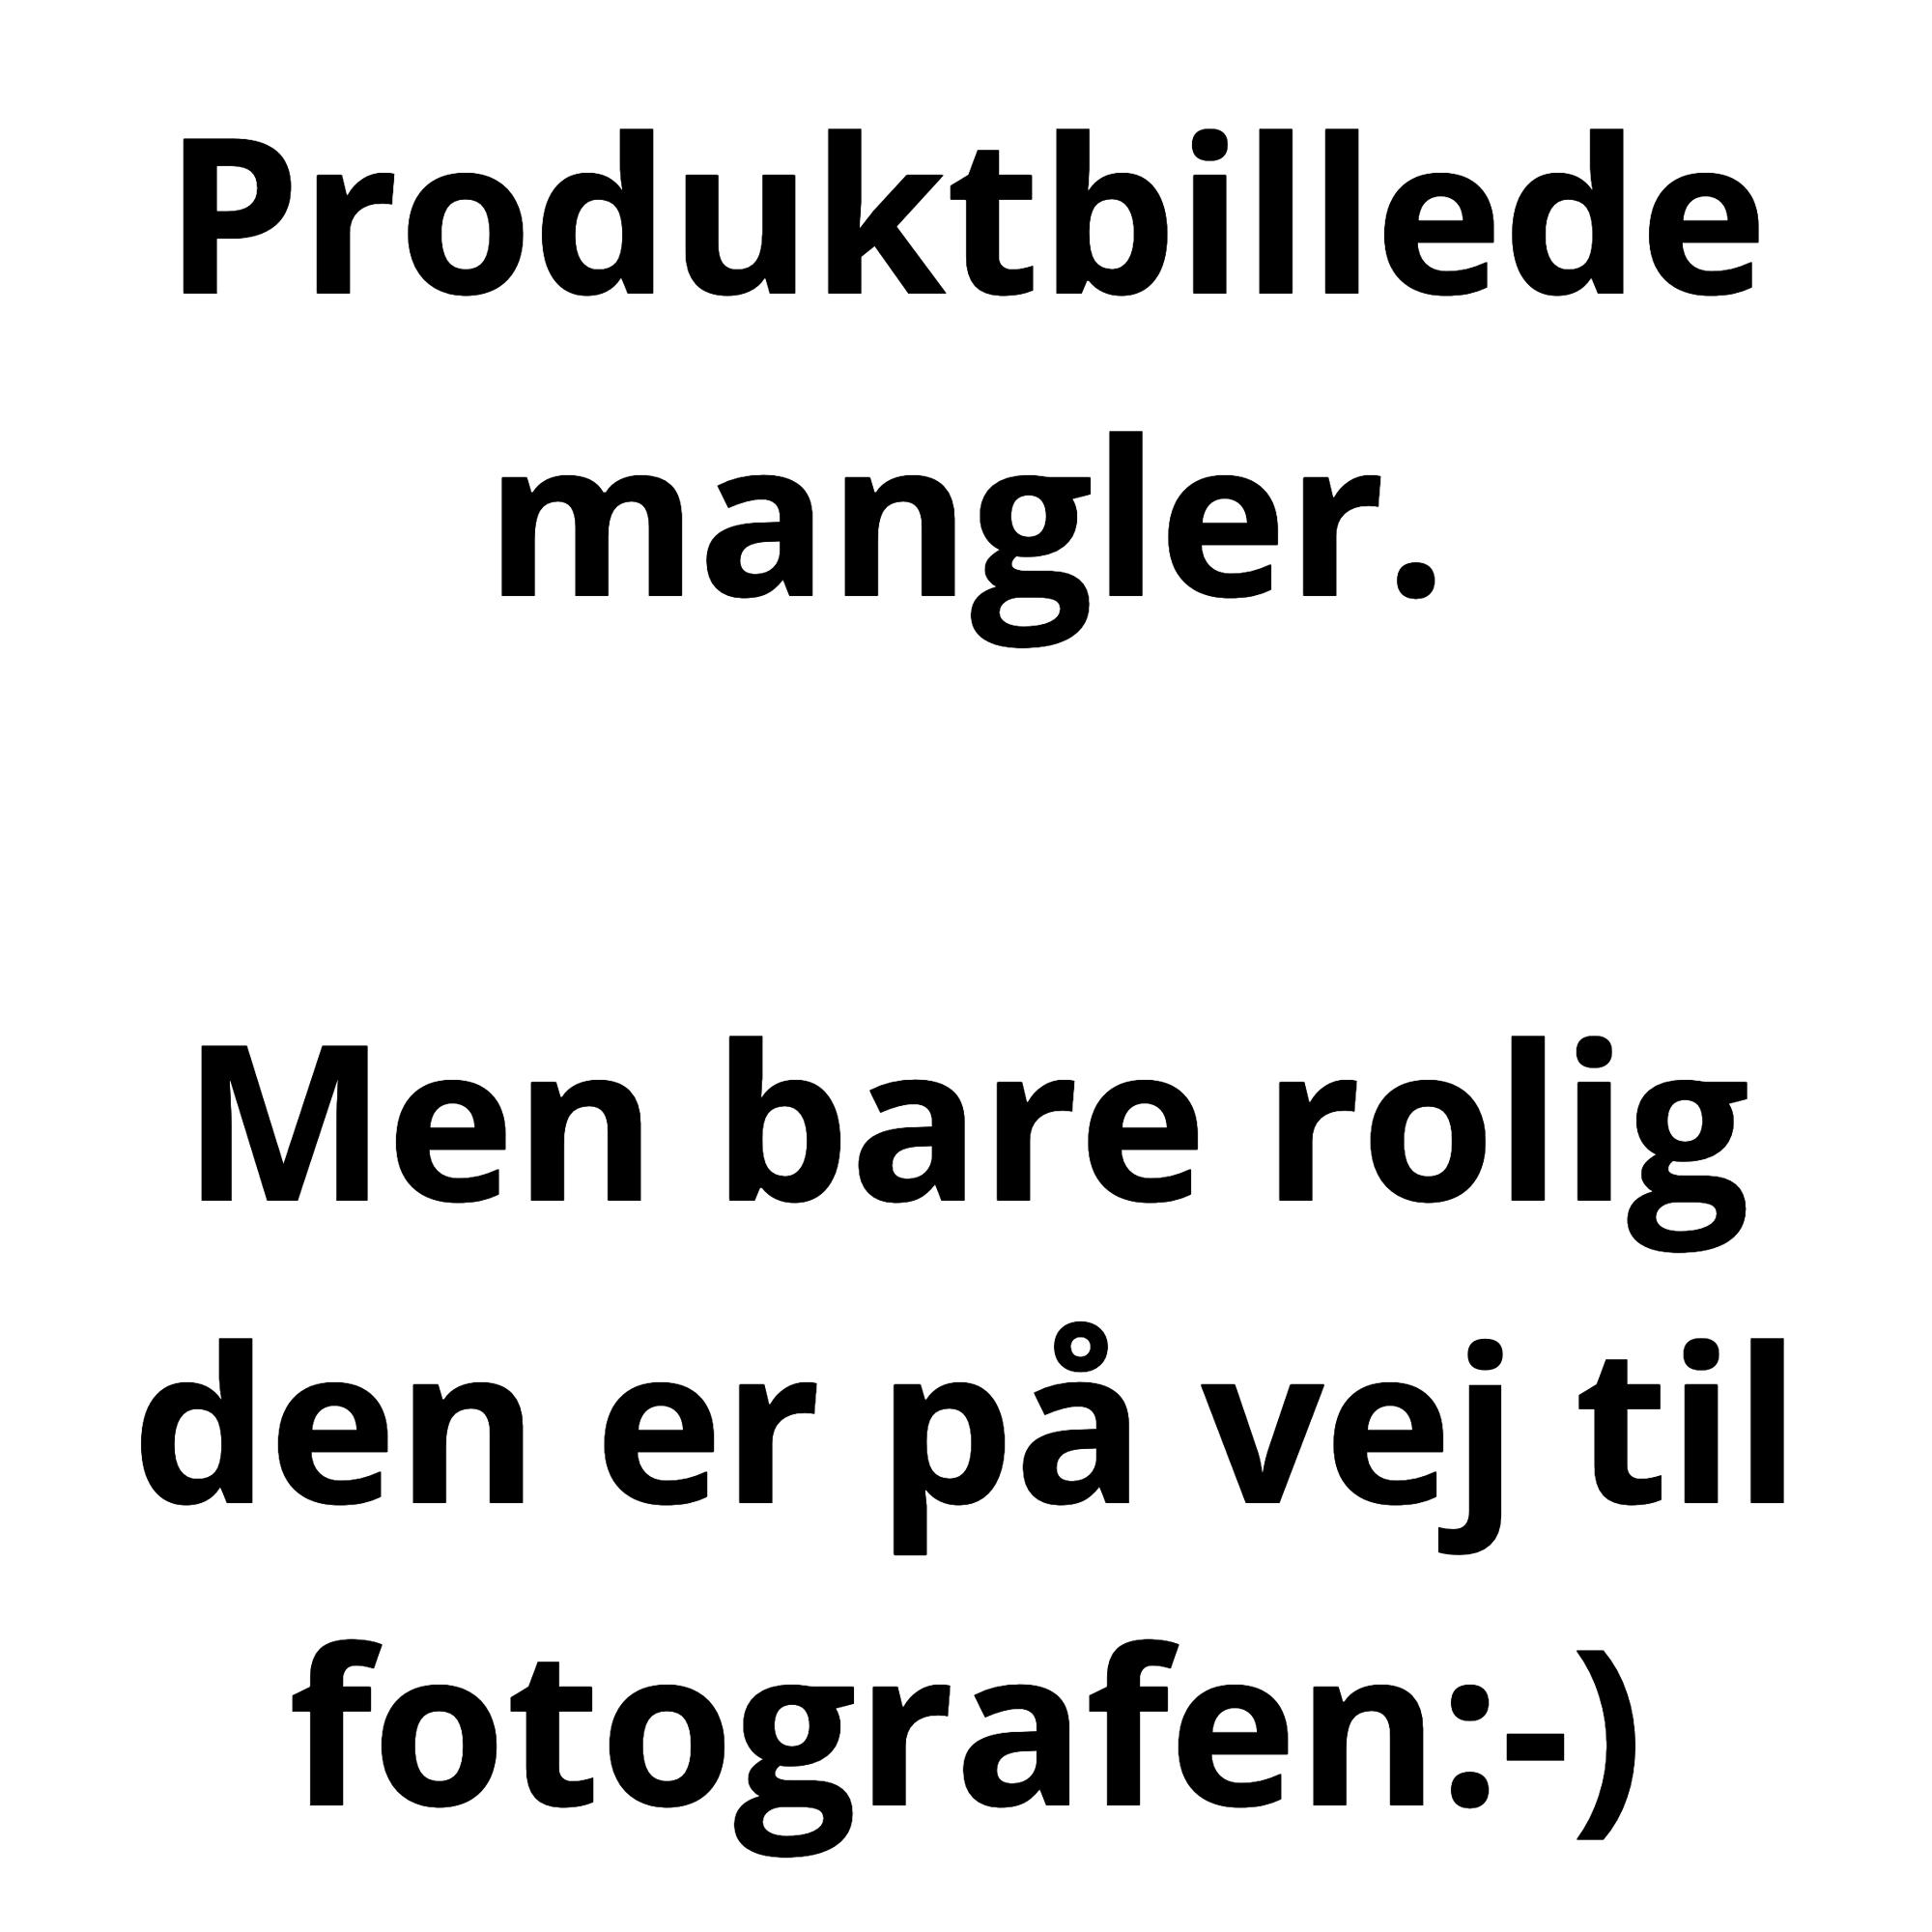 Fix2Car Aktiv Mobilholdersæt til Apple iPhone 5/5S/5C m. el. u. beskyttelsescover - 60252